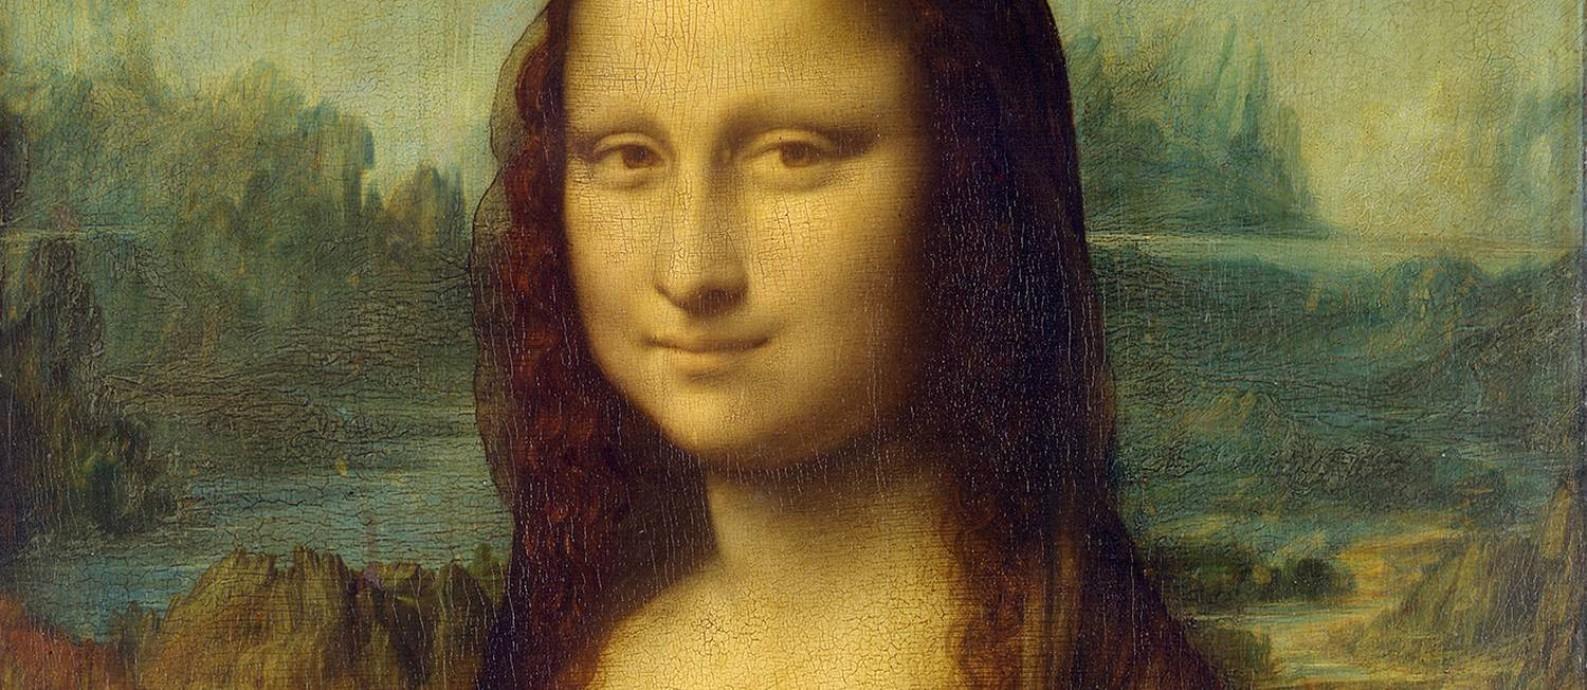 'Mona Lisa'. Pintura mais famosa de Da Vinci é alvo de estudo que será apresentado no novo Museu da Imagem e do Som de São Paulo Foto: Divulgação